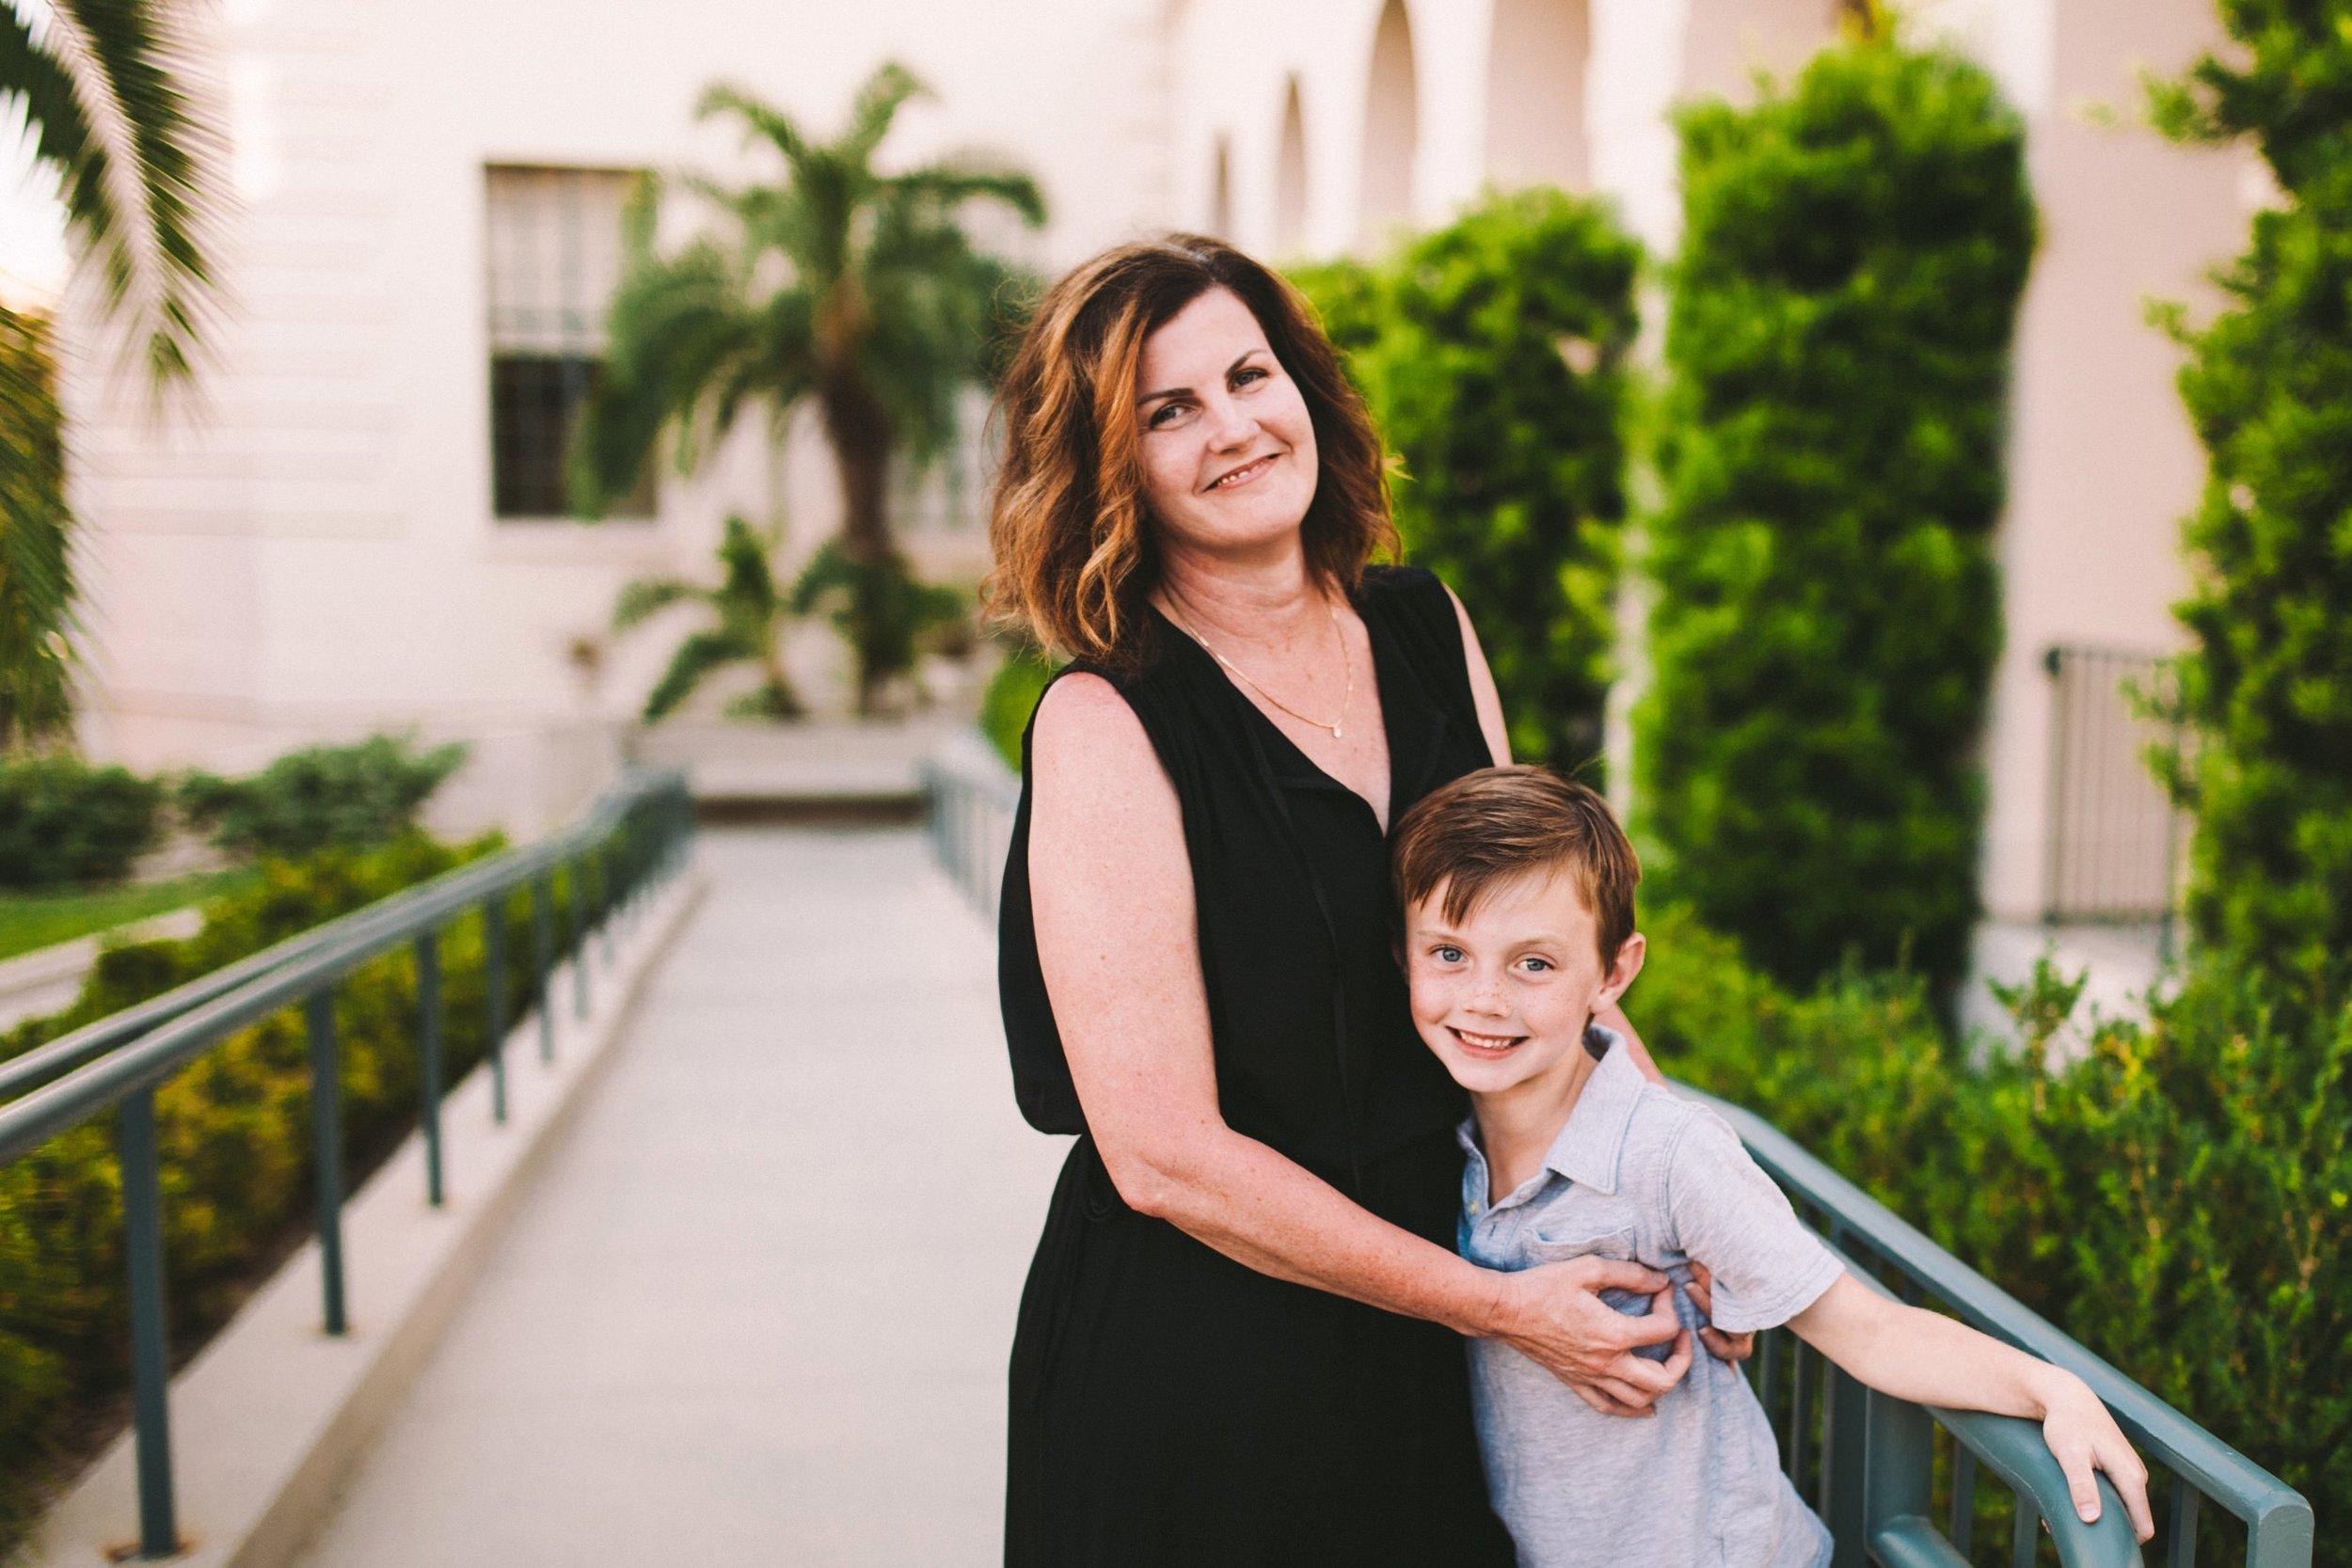 Pasadena City Hall Family Photography Session 10.jpg